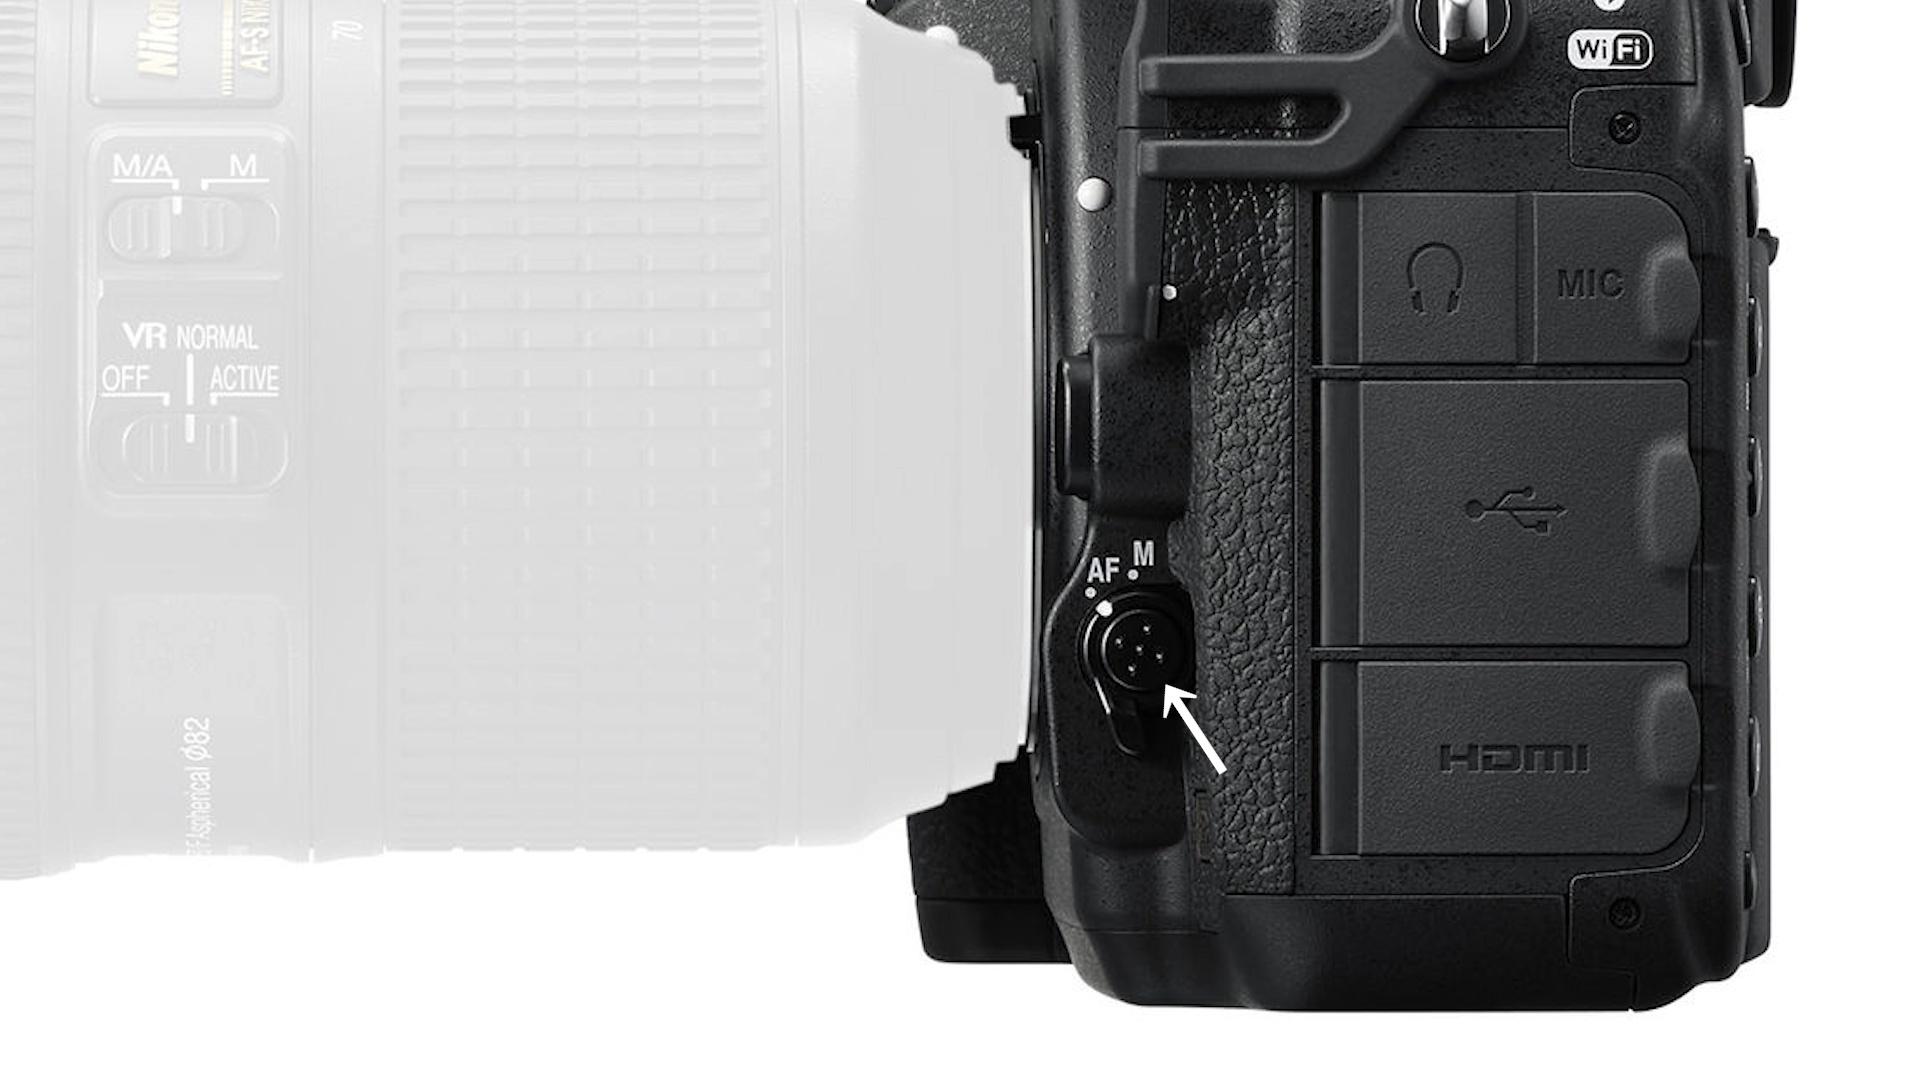 AF/MF kapcsoló felsőkategóriás Nikon DSLR gép oldalában